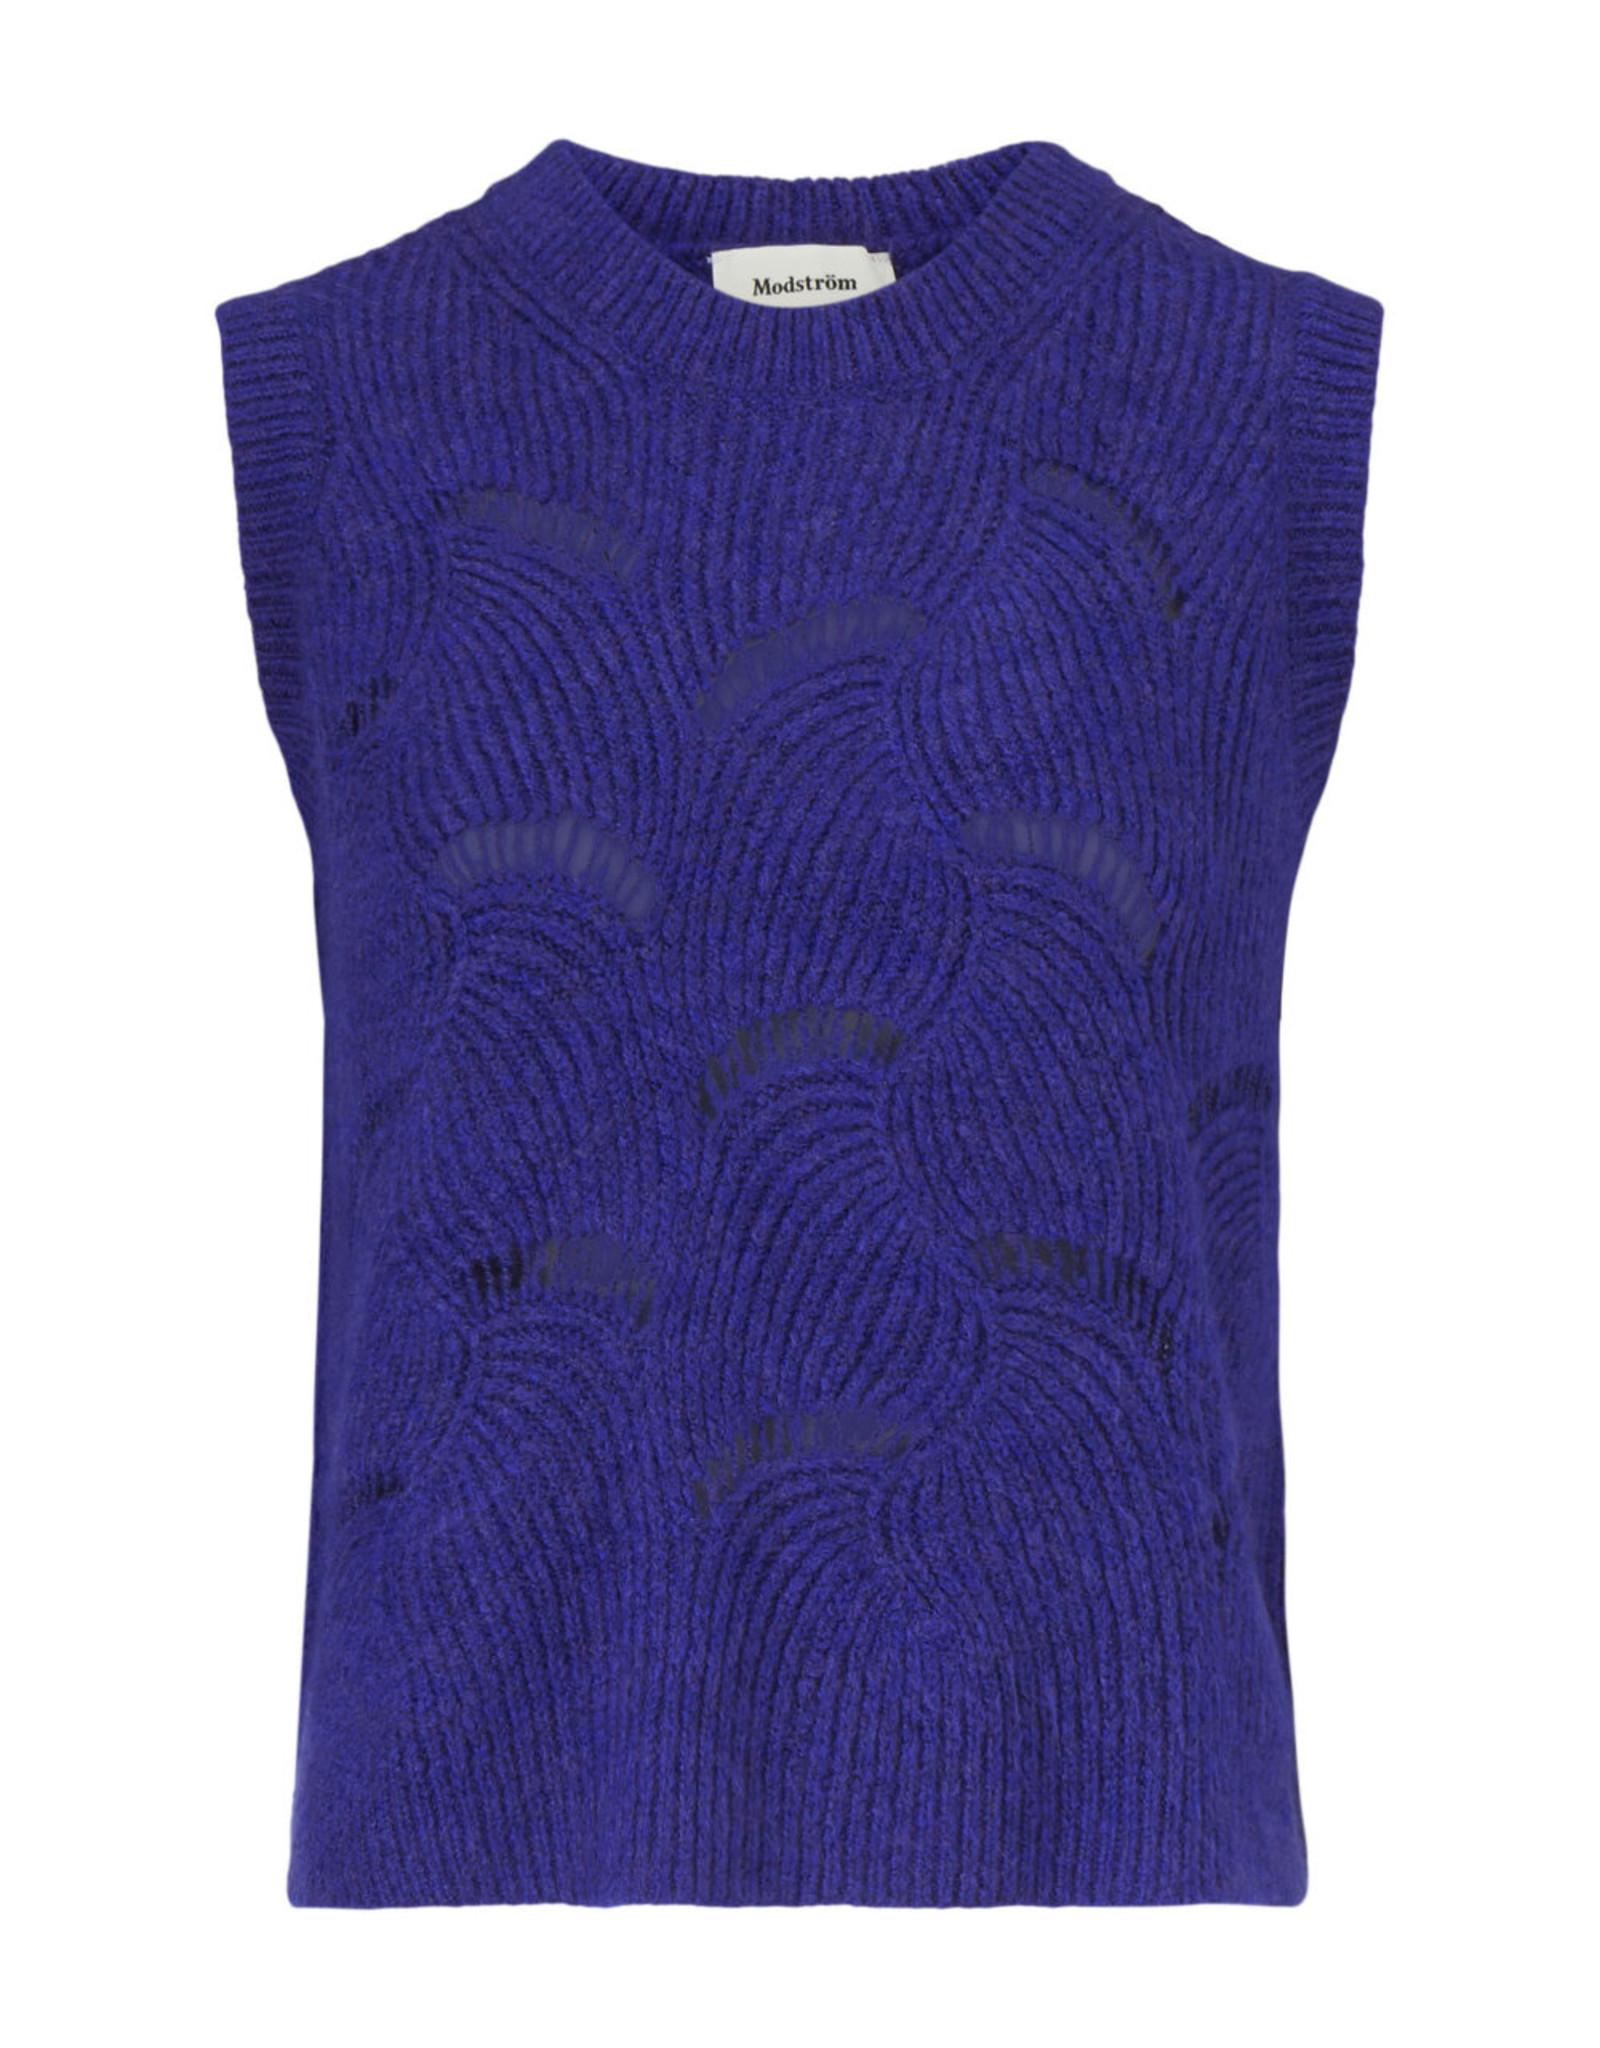 Modstrom Matthew Vest Clematis Blue